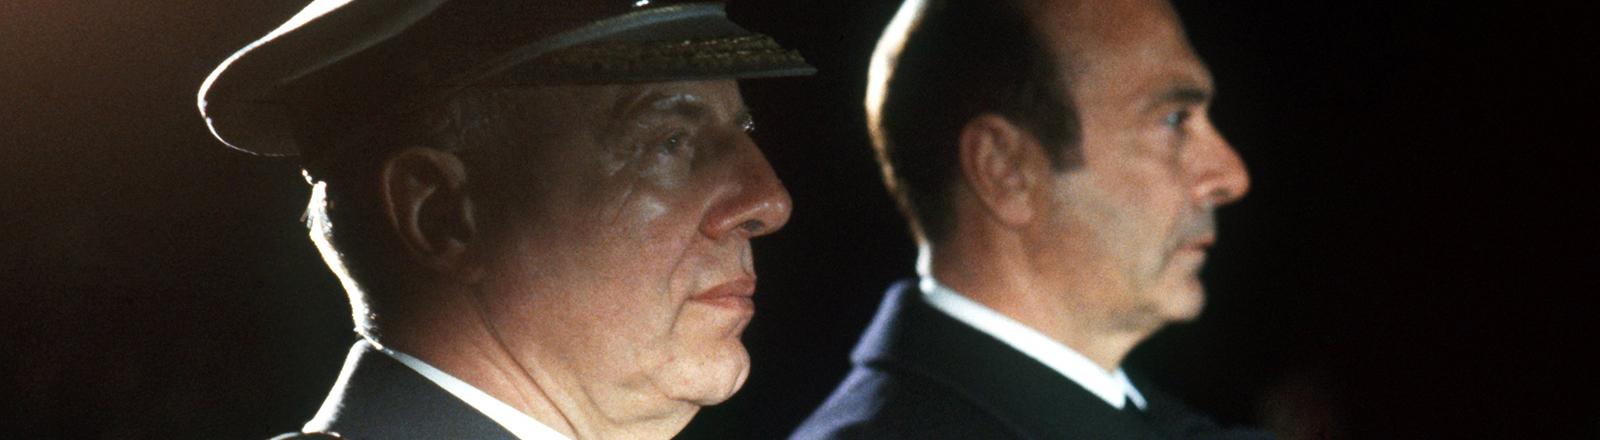 General Günter Kießling (l) und Bundesverteidigungsminister Manfred Wörner beim Großen Zapfenstreich, mit dem Kießling am 26. März 1984 verabschiedet wird.